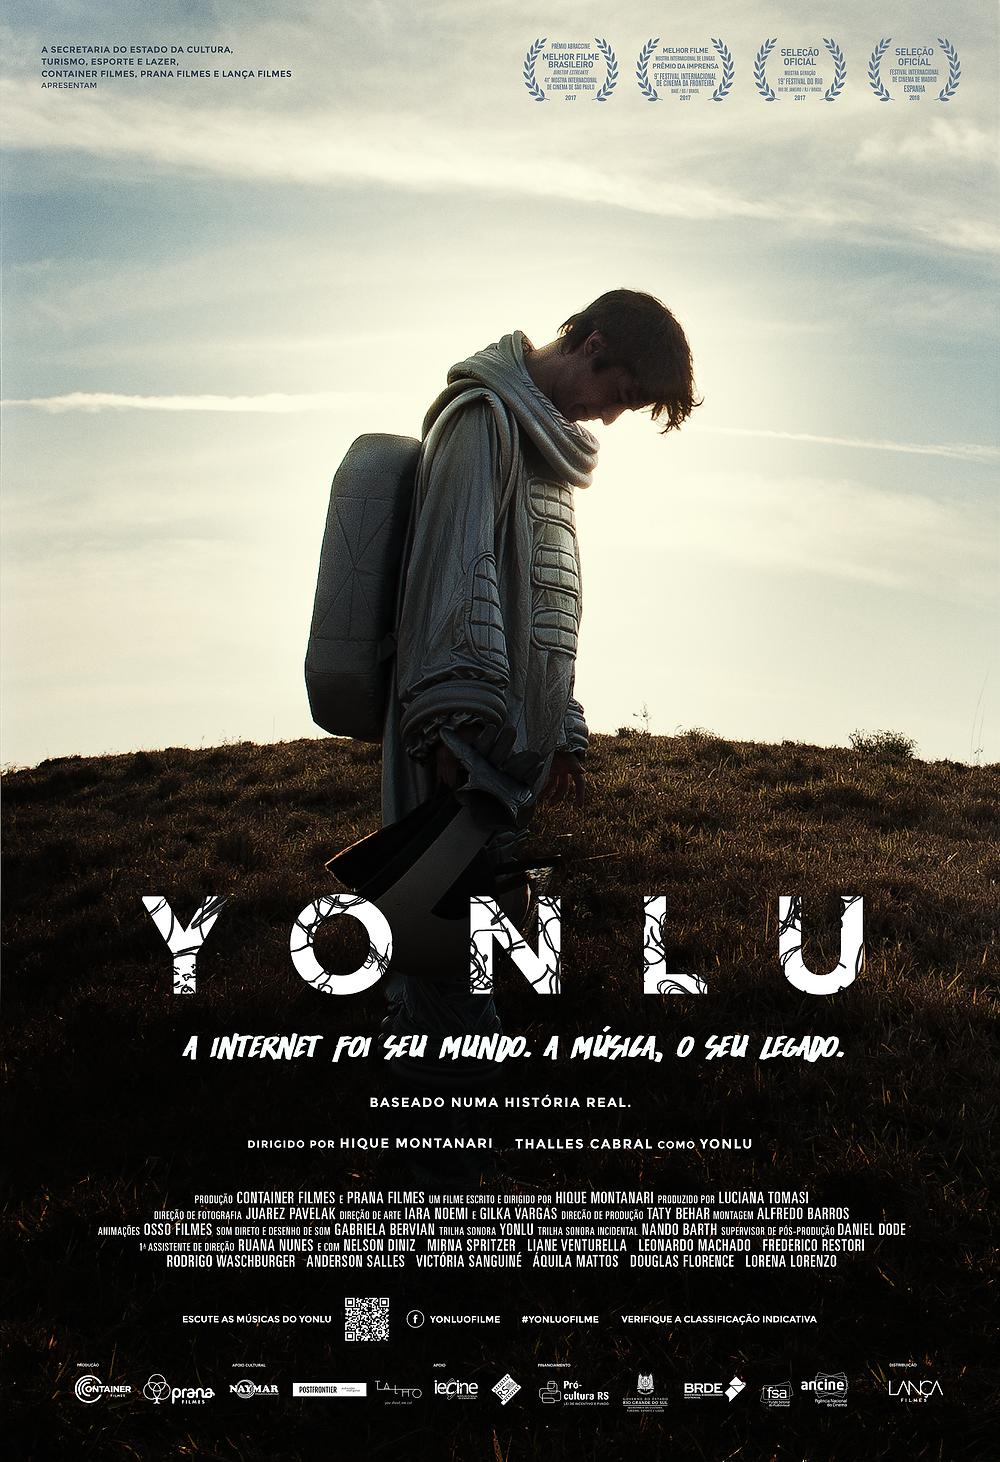 O filme, estrelado por Thalles Cabral, estreia nos cinemas dia 30 de agosto.